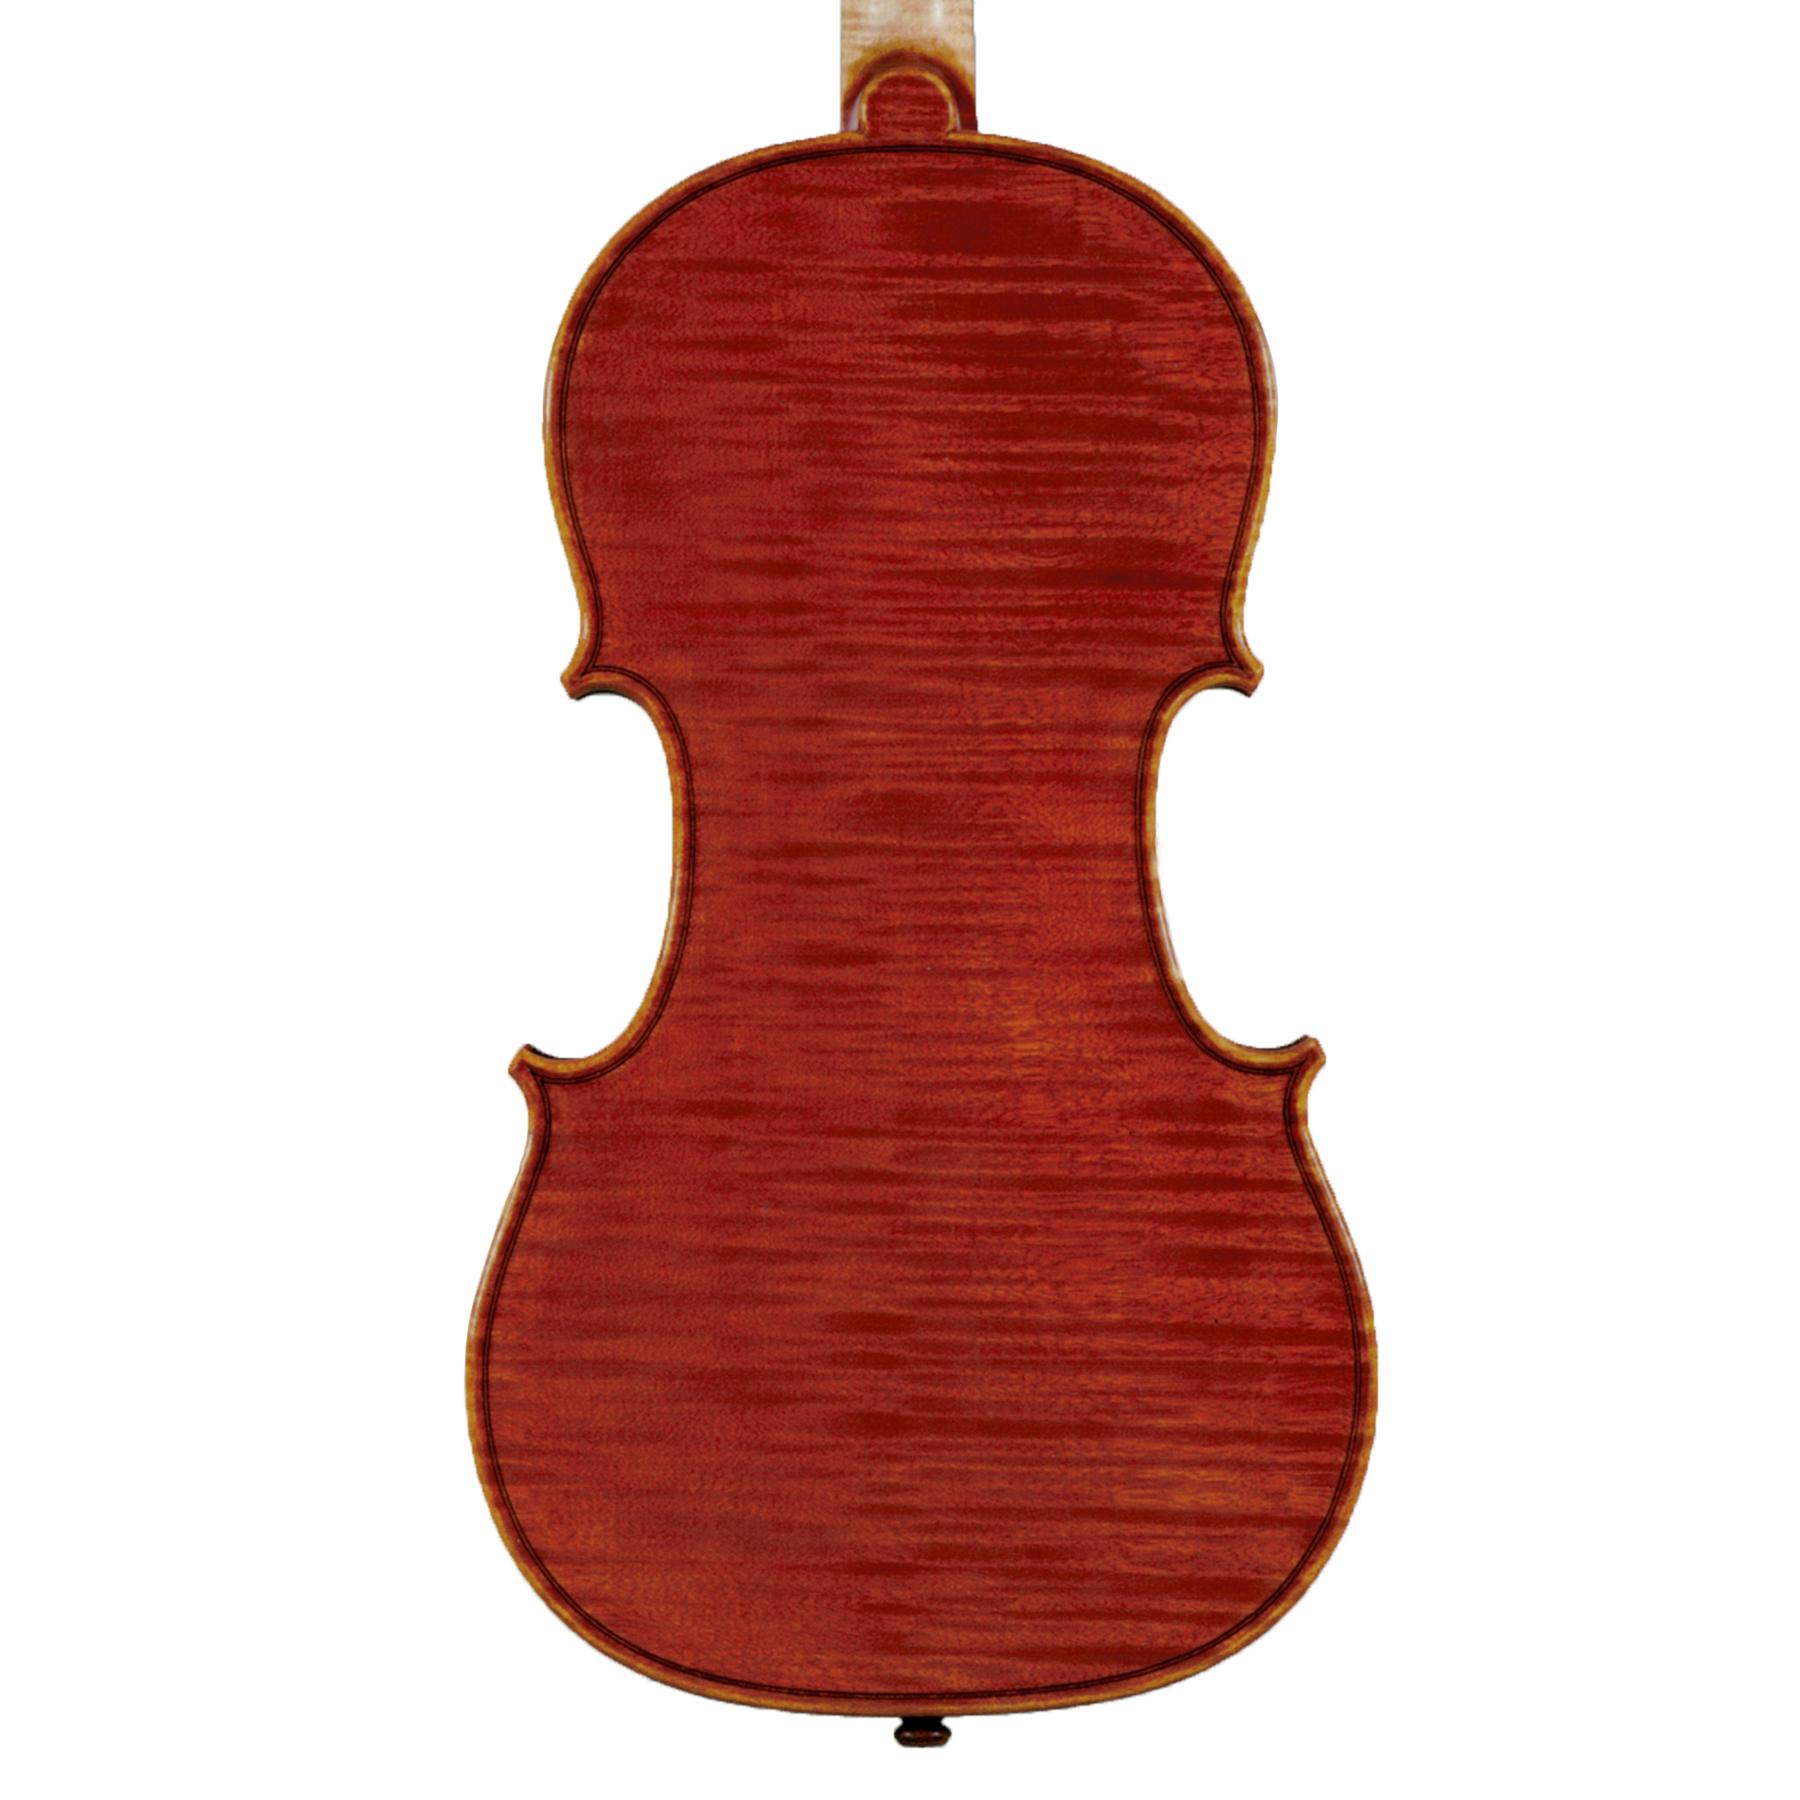 Daniele Scolari Violin 2016 in action